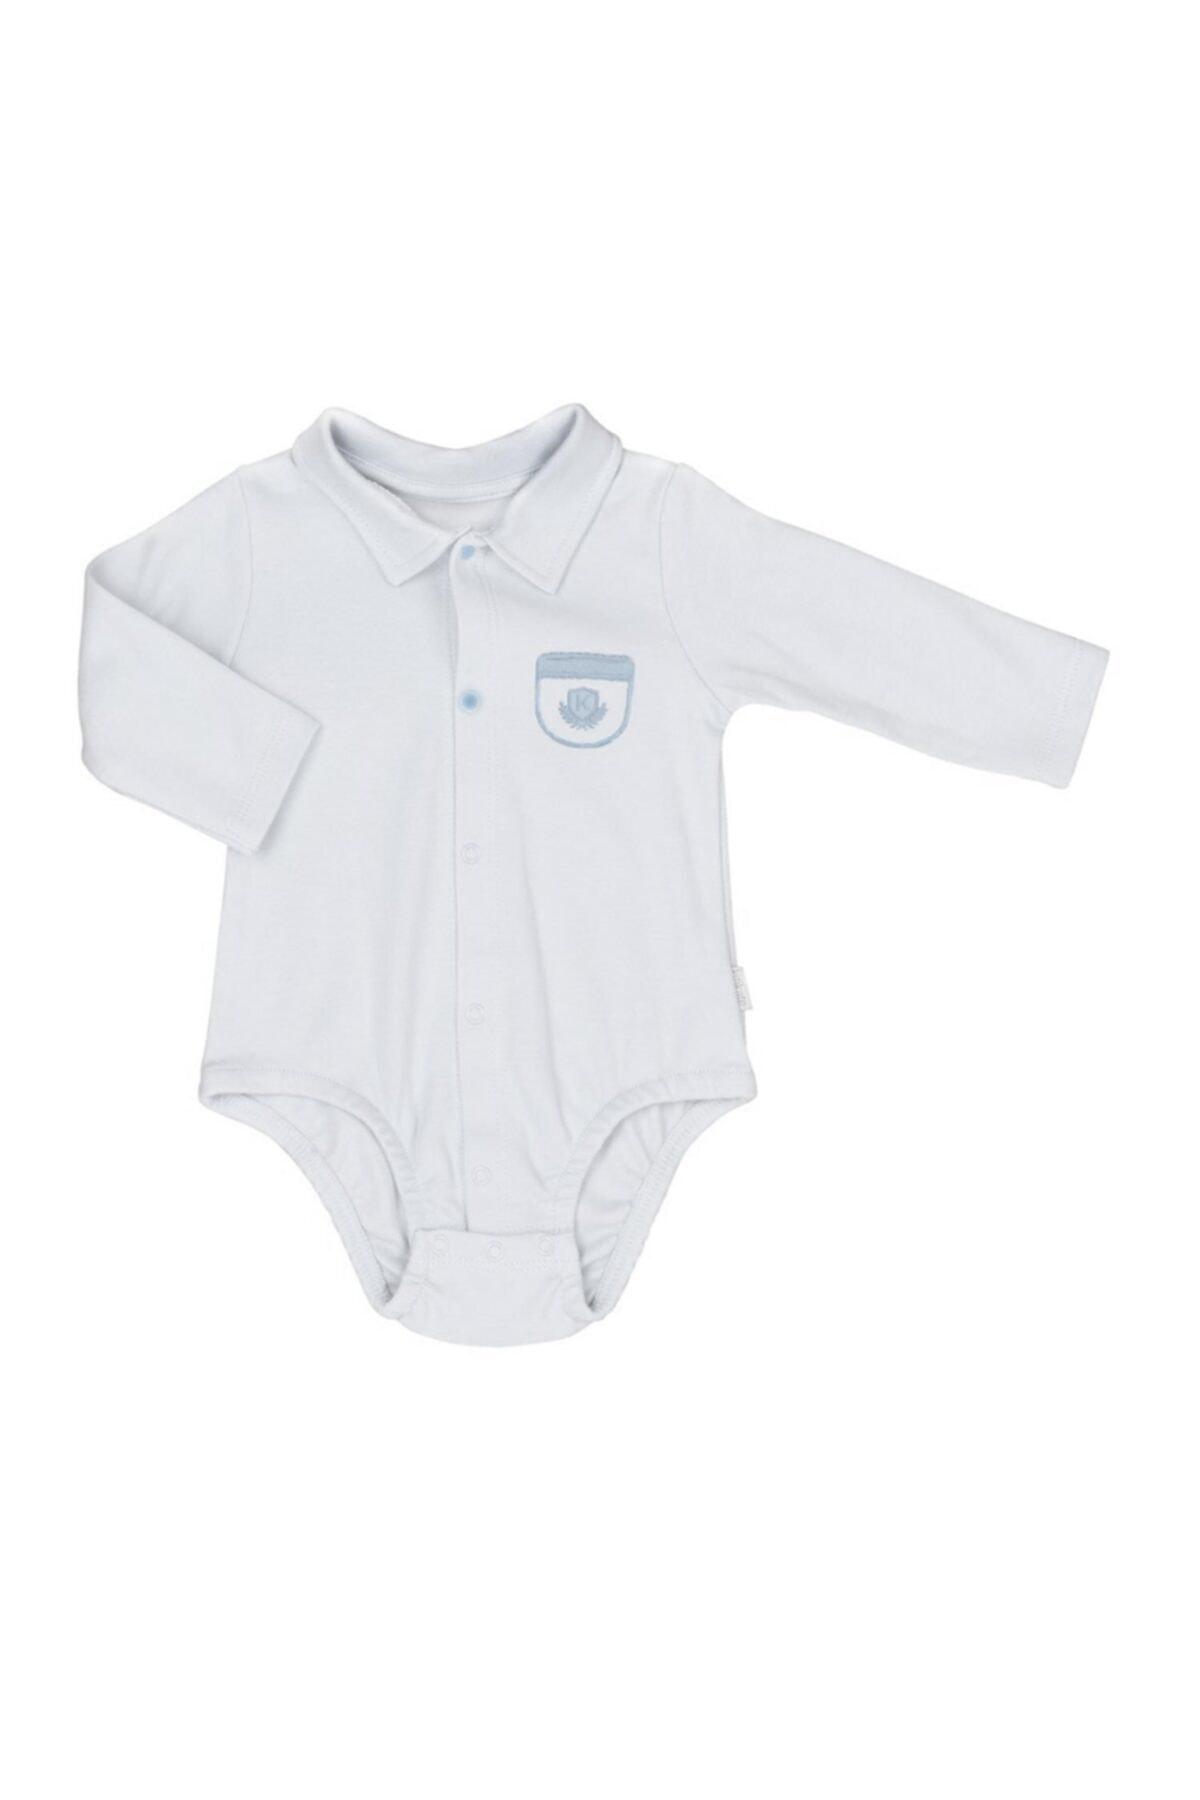 kitikate Erkek Bebek Beyaz Dreams Cepli Gömlek Body S38699 1